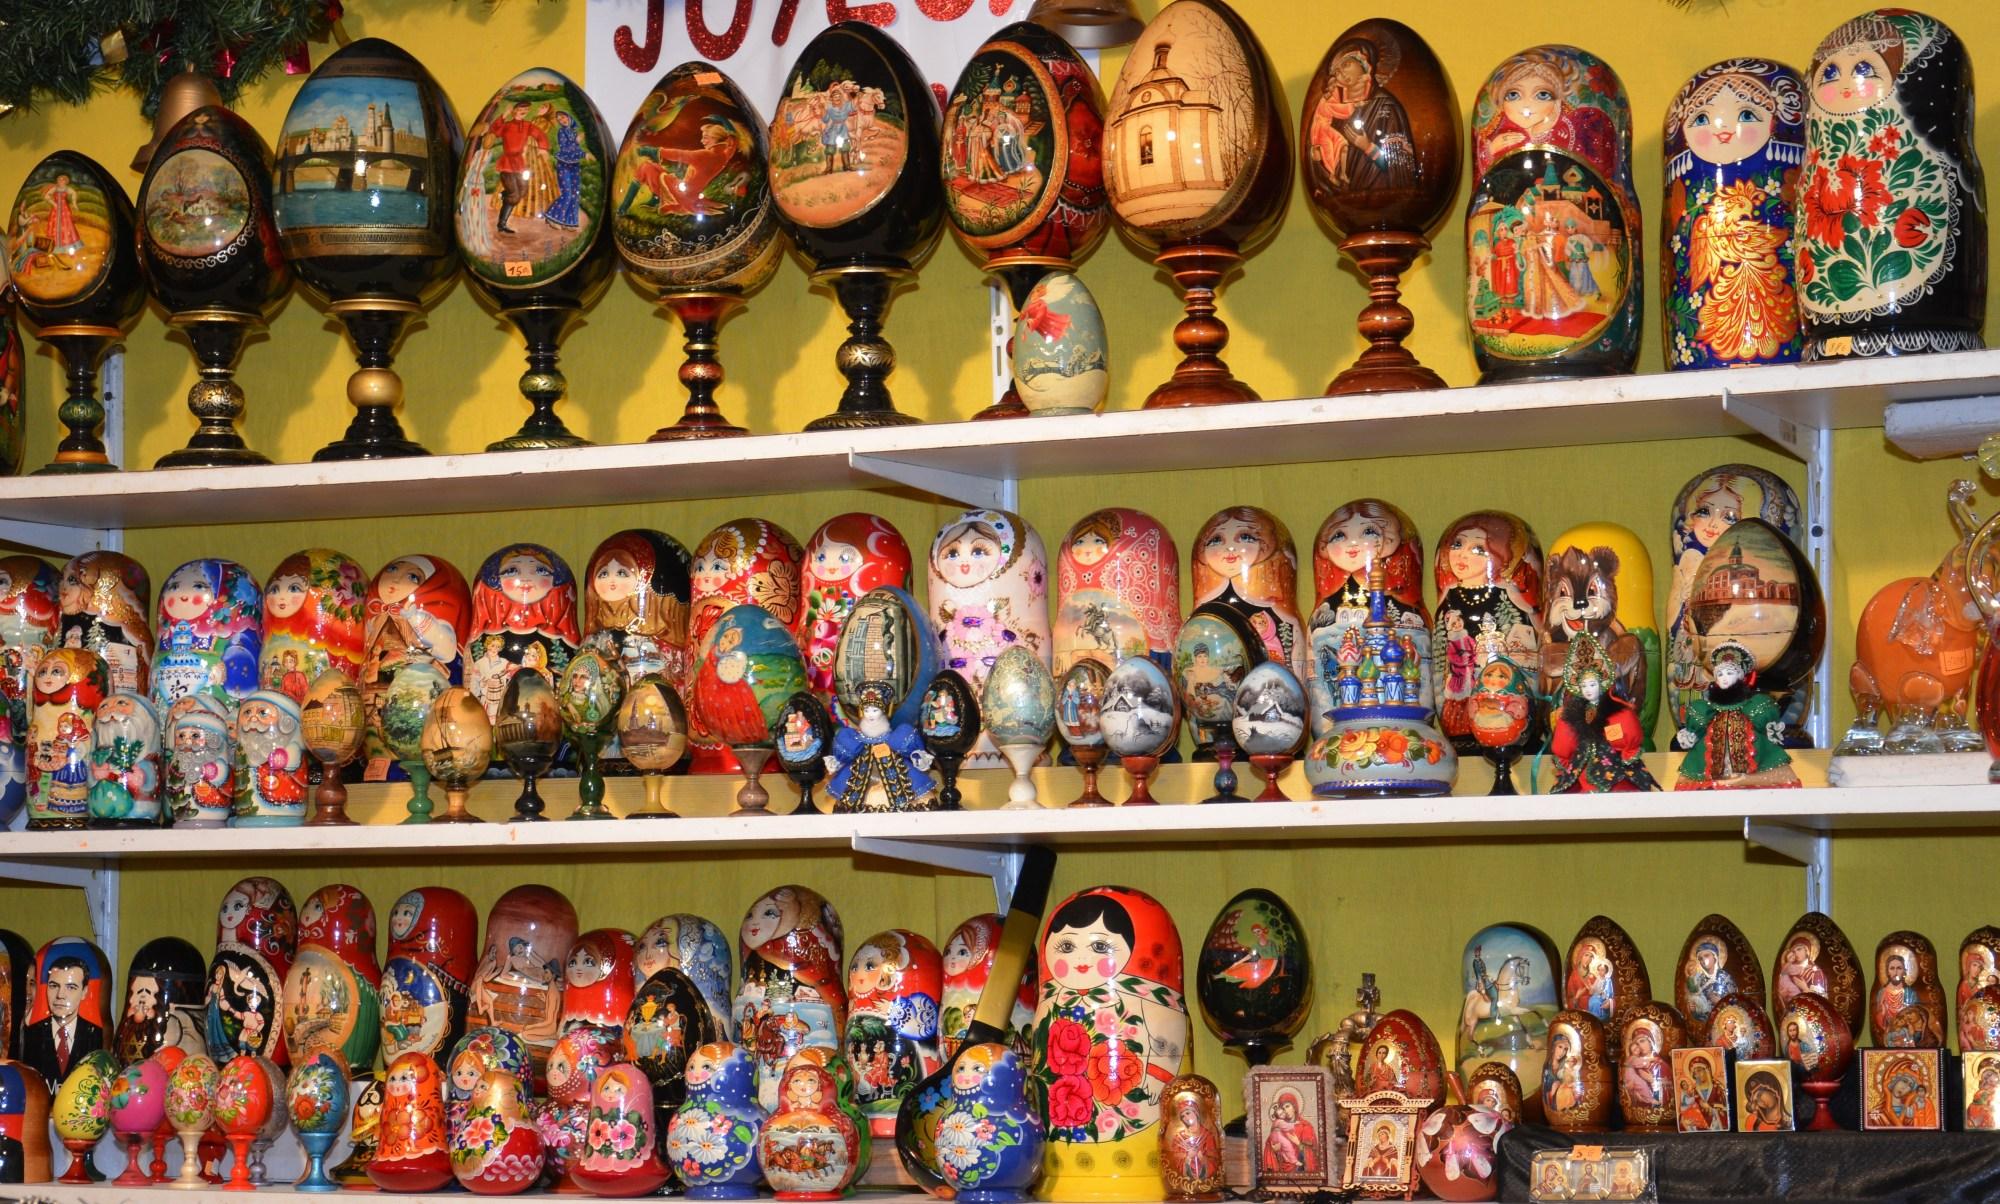 atelier-gotira-artisanat-russe-7